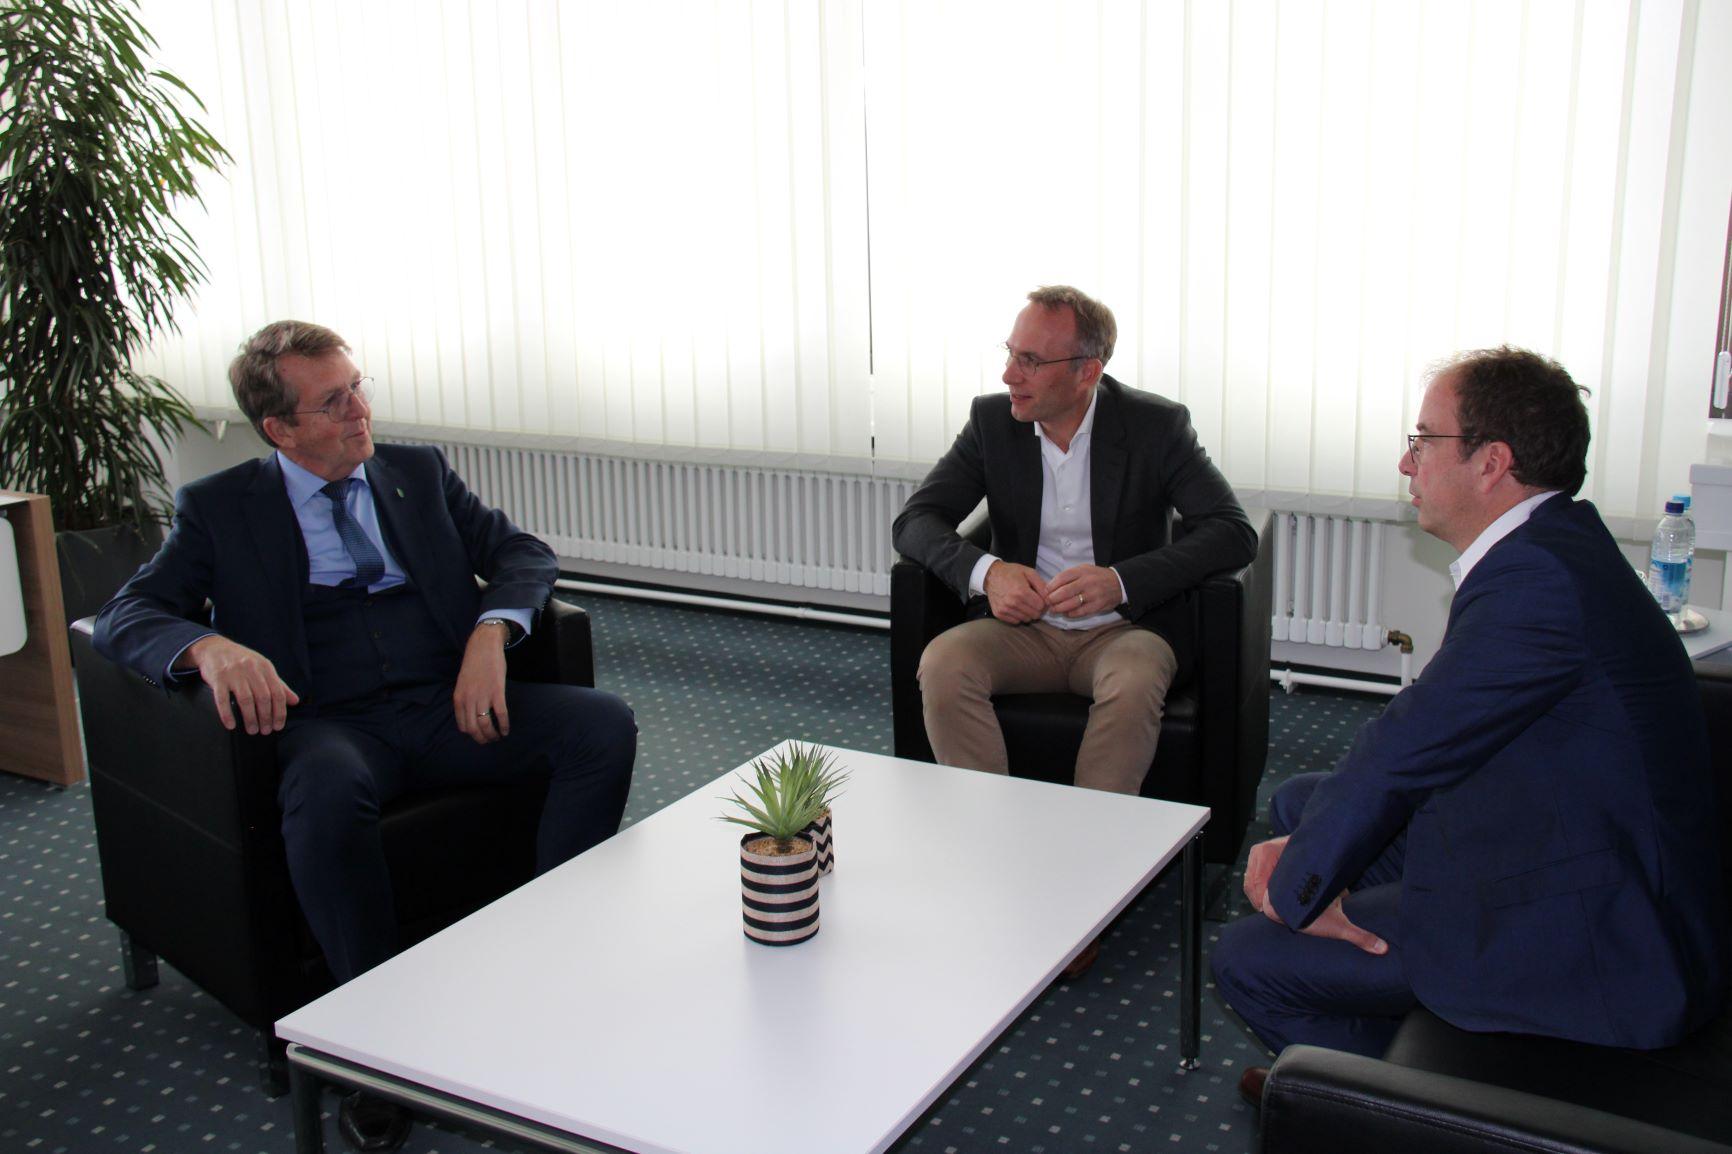 Erster Bürgermeister Robert Pötzsch im Gespräch mit Traunreuts Bürgermeister Klaus Ritter und dem Bürgermeister aus Geretsried Michael Müller im Rahmen des Schwesterstädtetreffens 2019